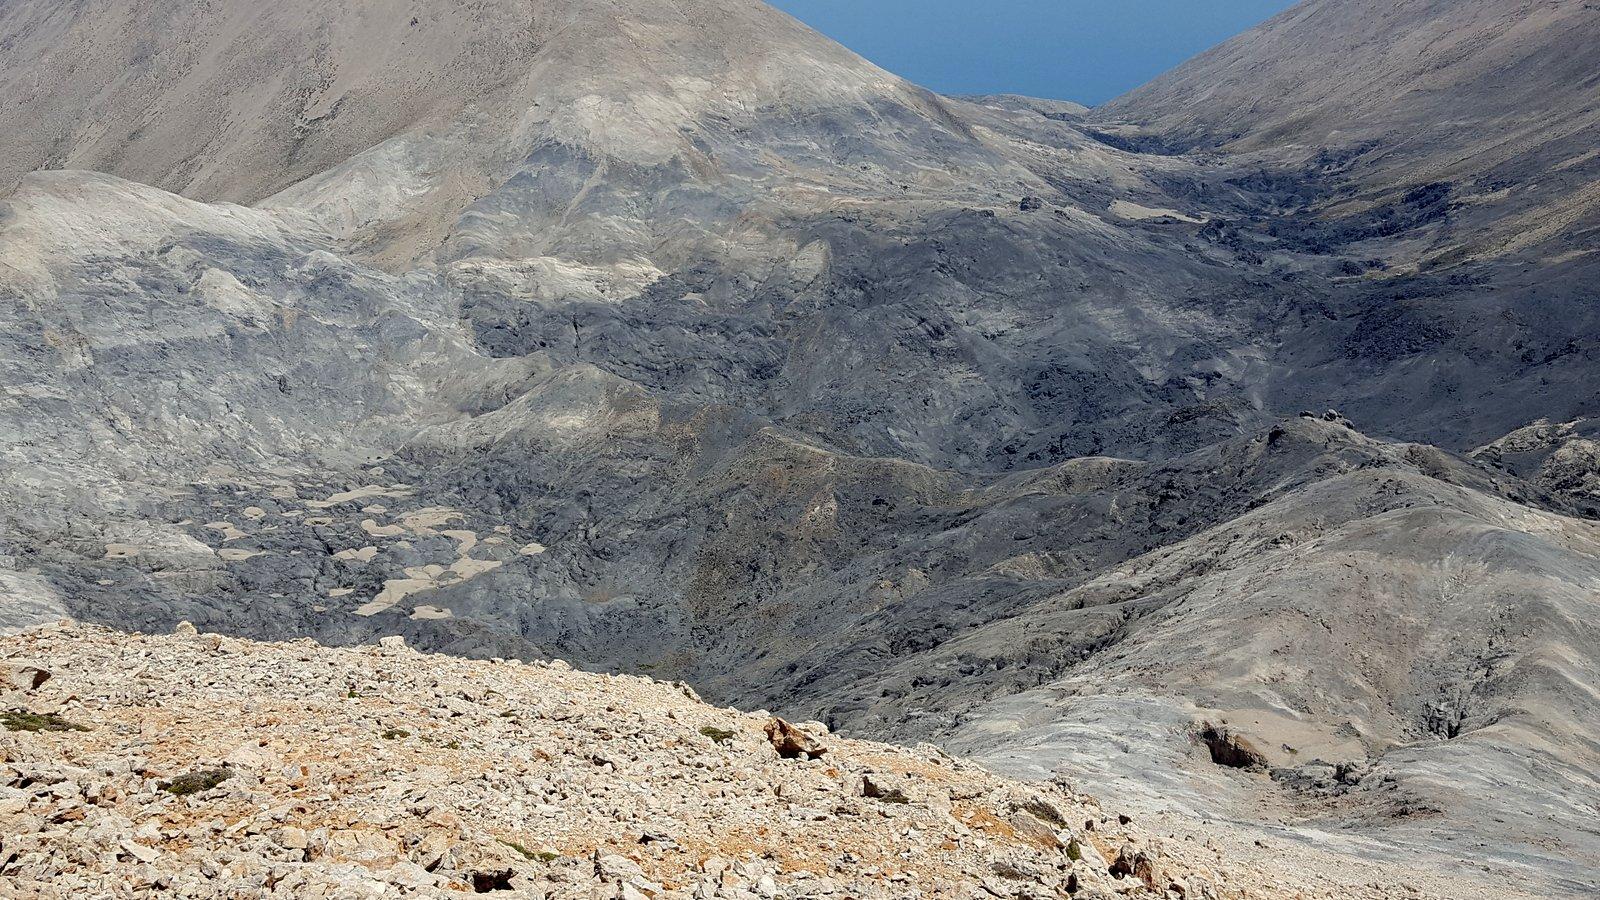 Scendendo verso Mavri Lakki, a centro foto la cresta da percorrere